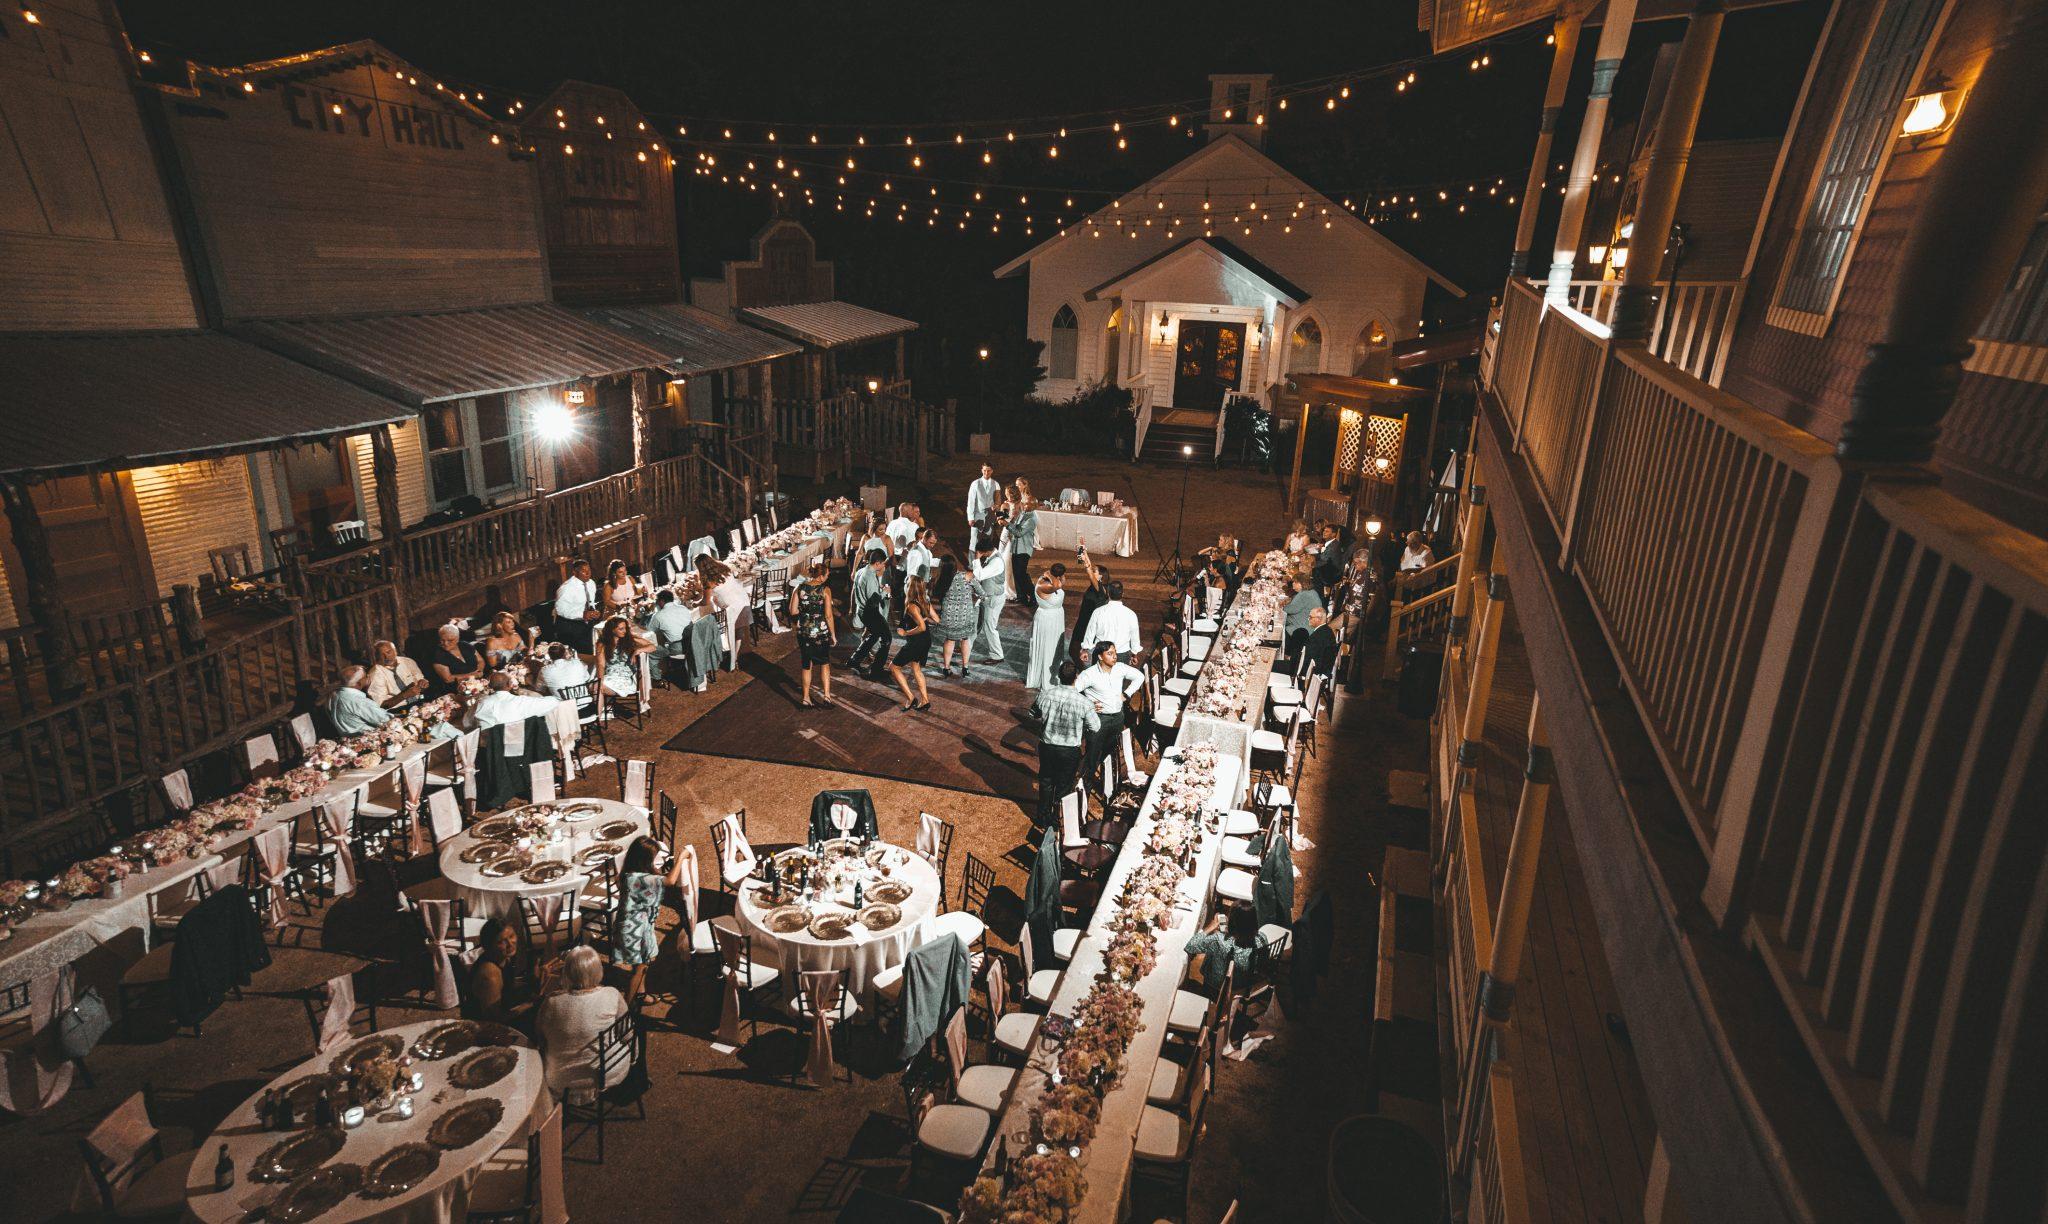 rustic outdoor wedding venue in houston